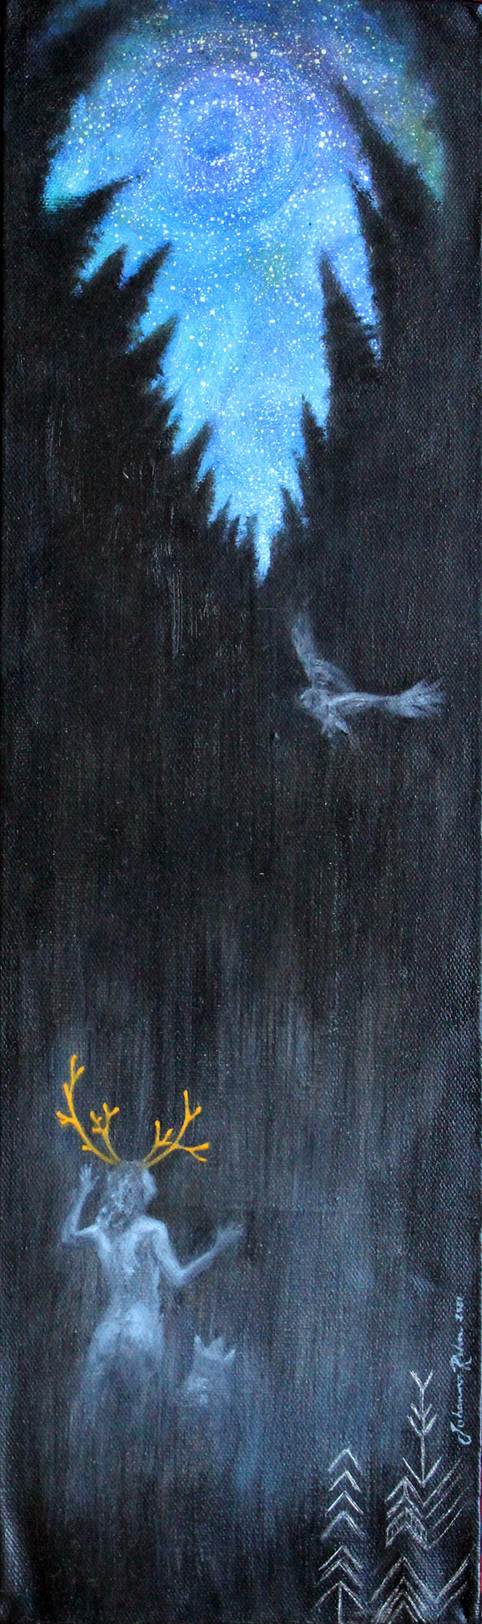 Möta mörkret, ur serien rötter (Encountering darkness, from the series Roots)